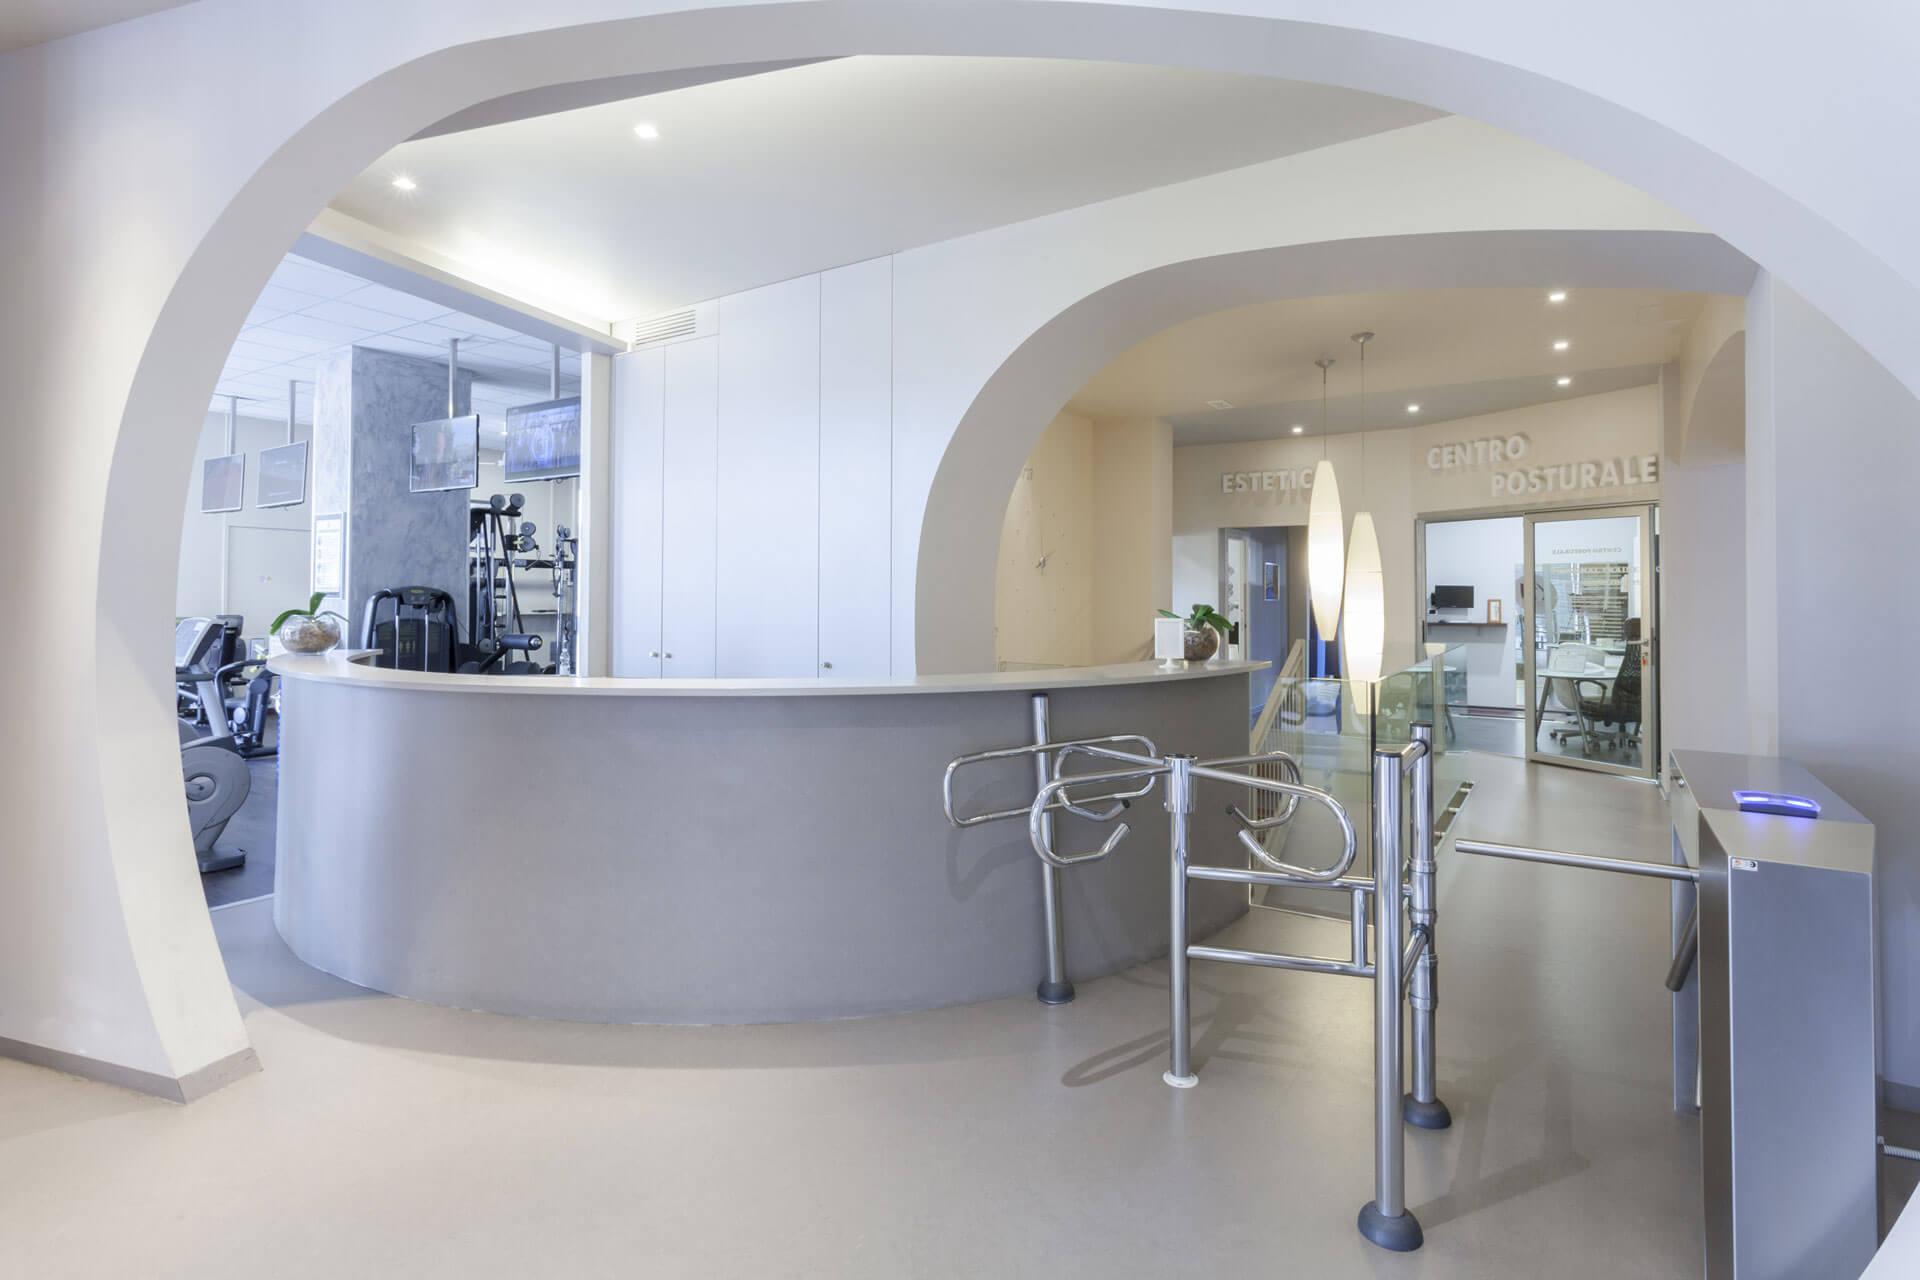 micaela-mazzoni-studio-interior-designer-bologna-progetti-commerciali-gallery-palestra-movimento-bologna